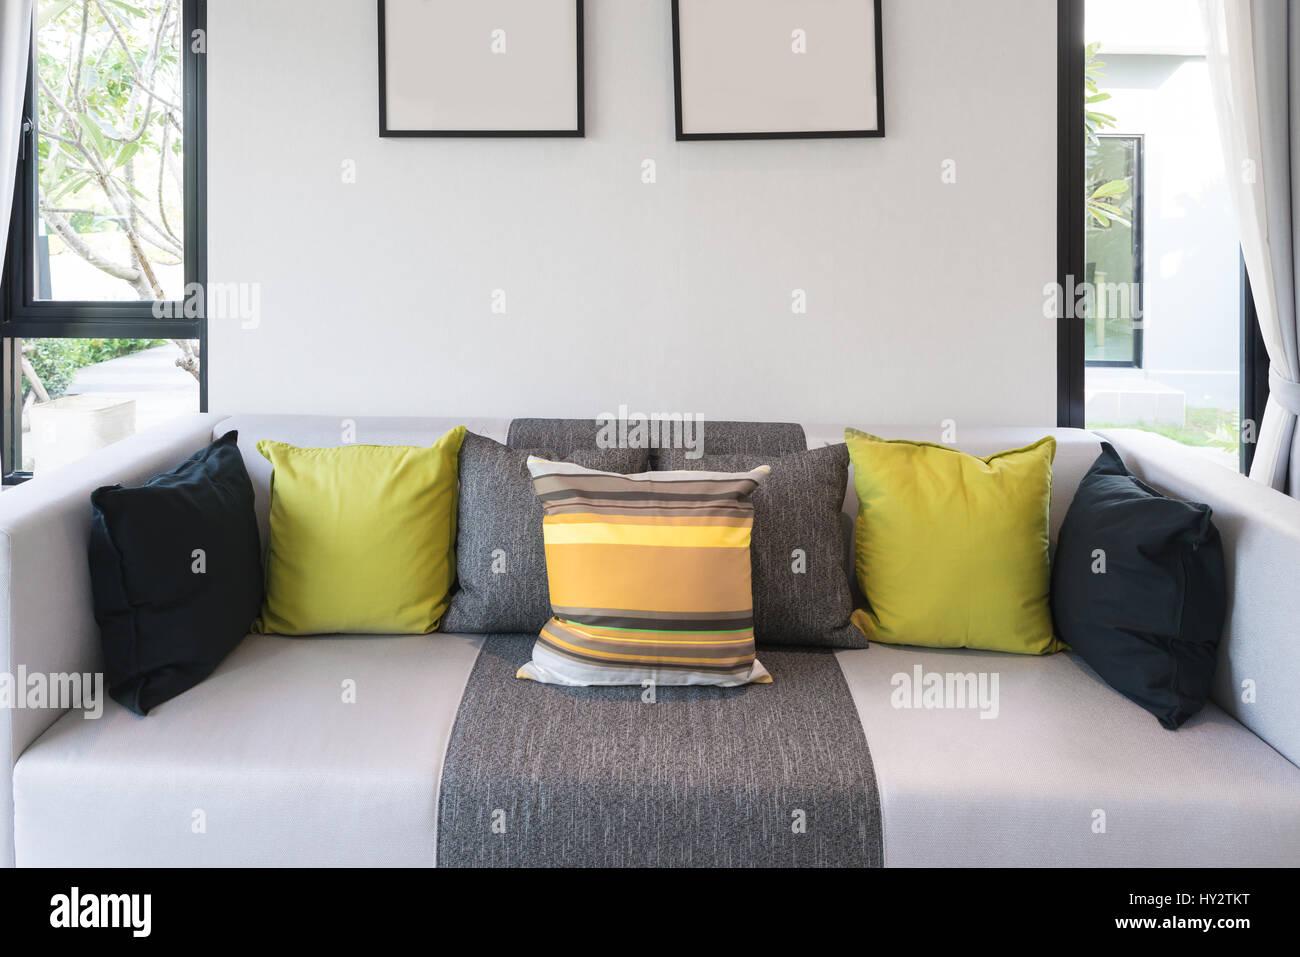 Lounge-Sofa und bunten Kissen in Lounge im Wohnzimmer im ...